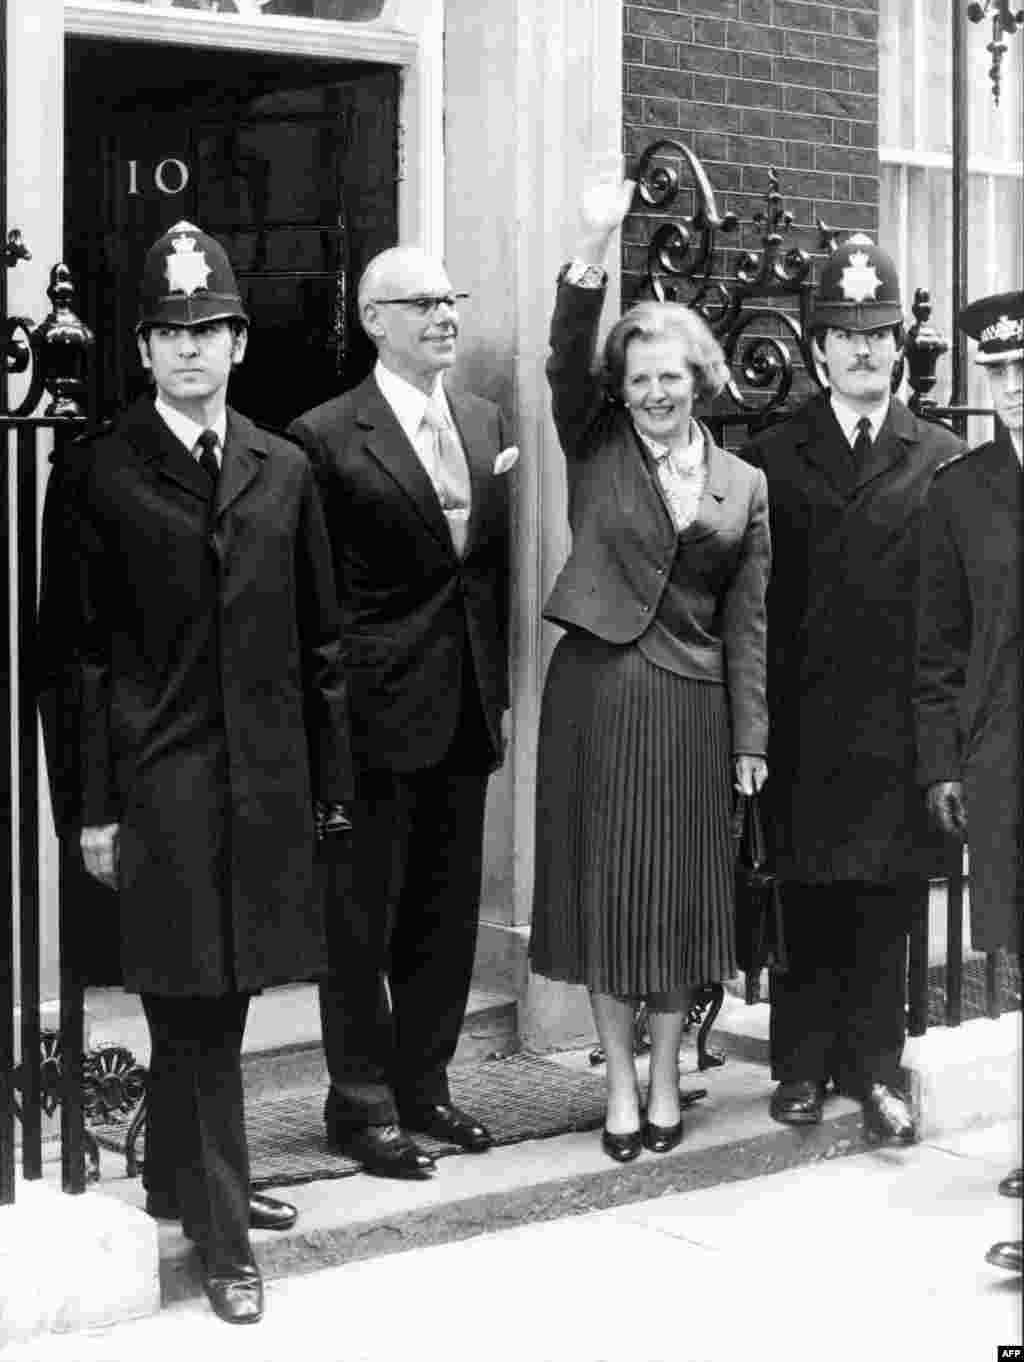 Маргарет Тэтчер премьер-министр болған соң күйеуі Дениспен бірге офисіне келіп тұр. Лондон, 4 мамыр 1979 жыл.